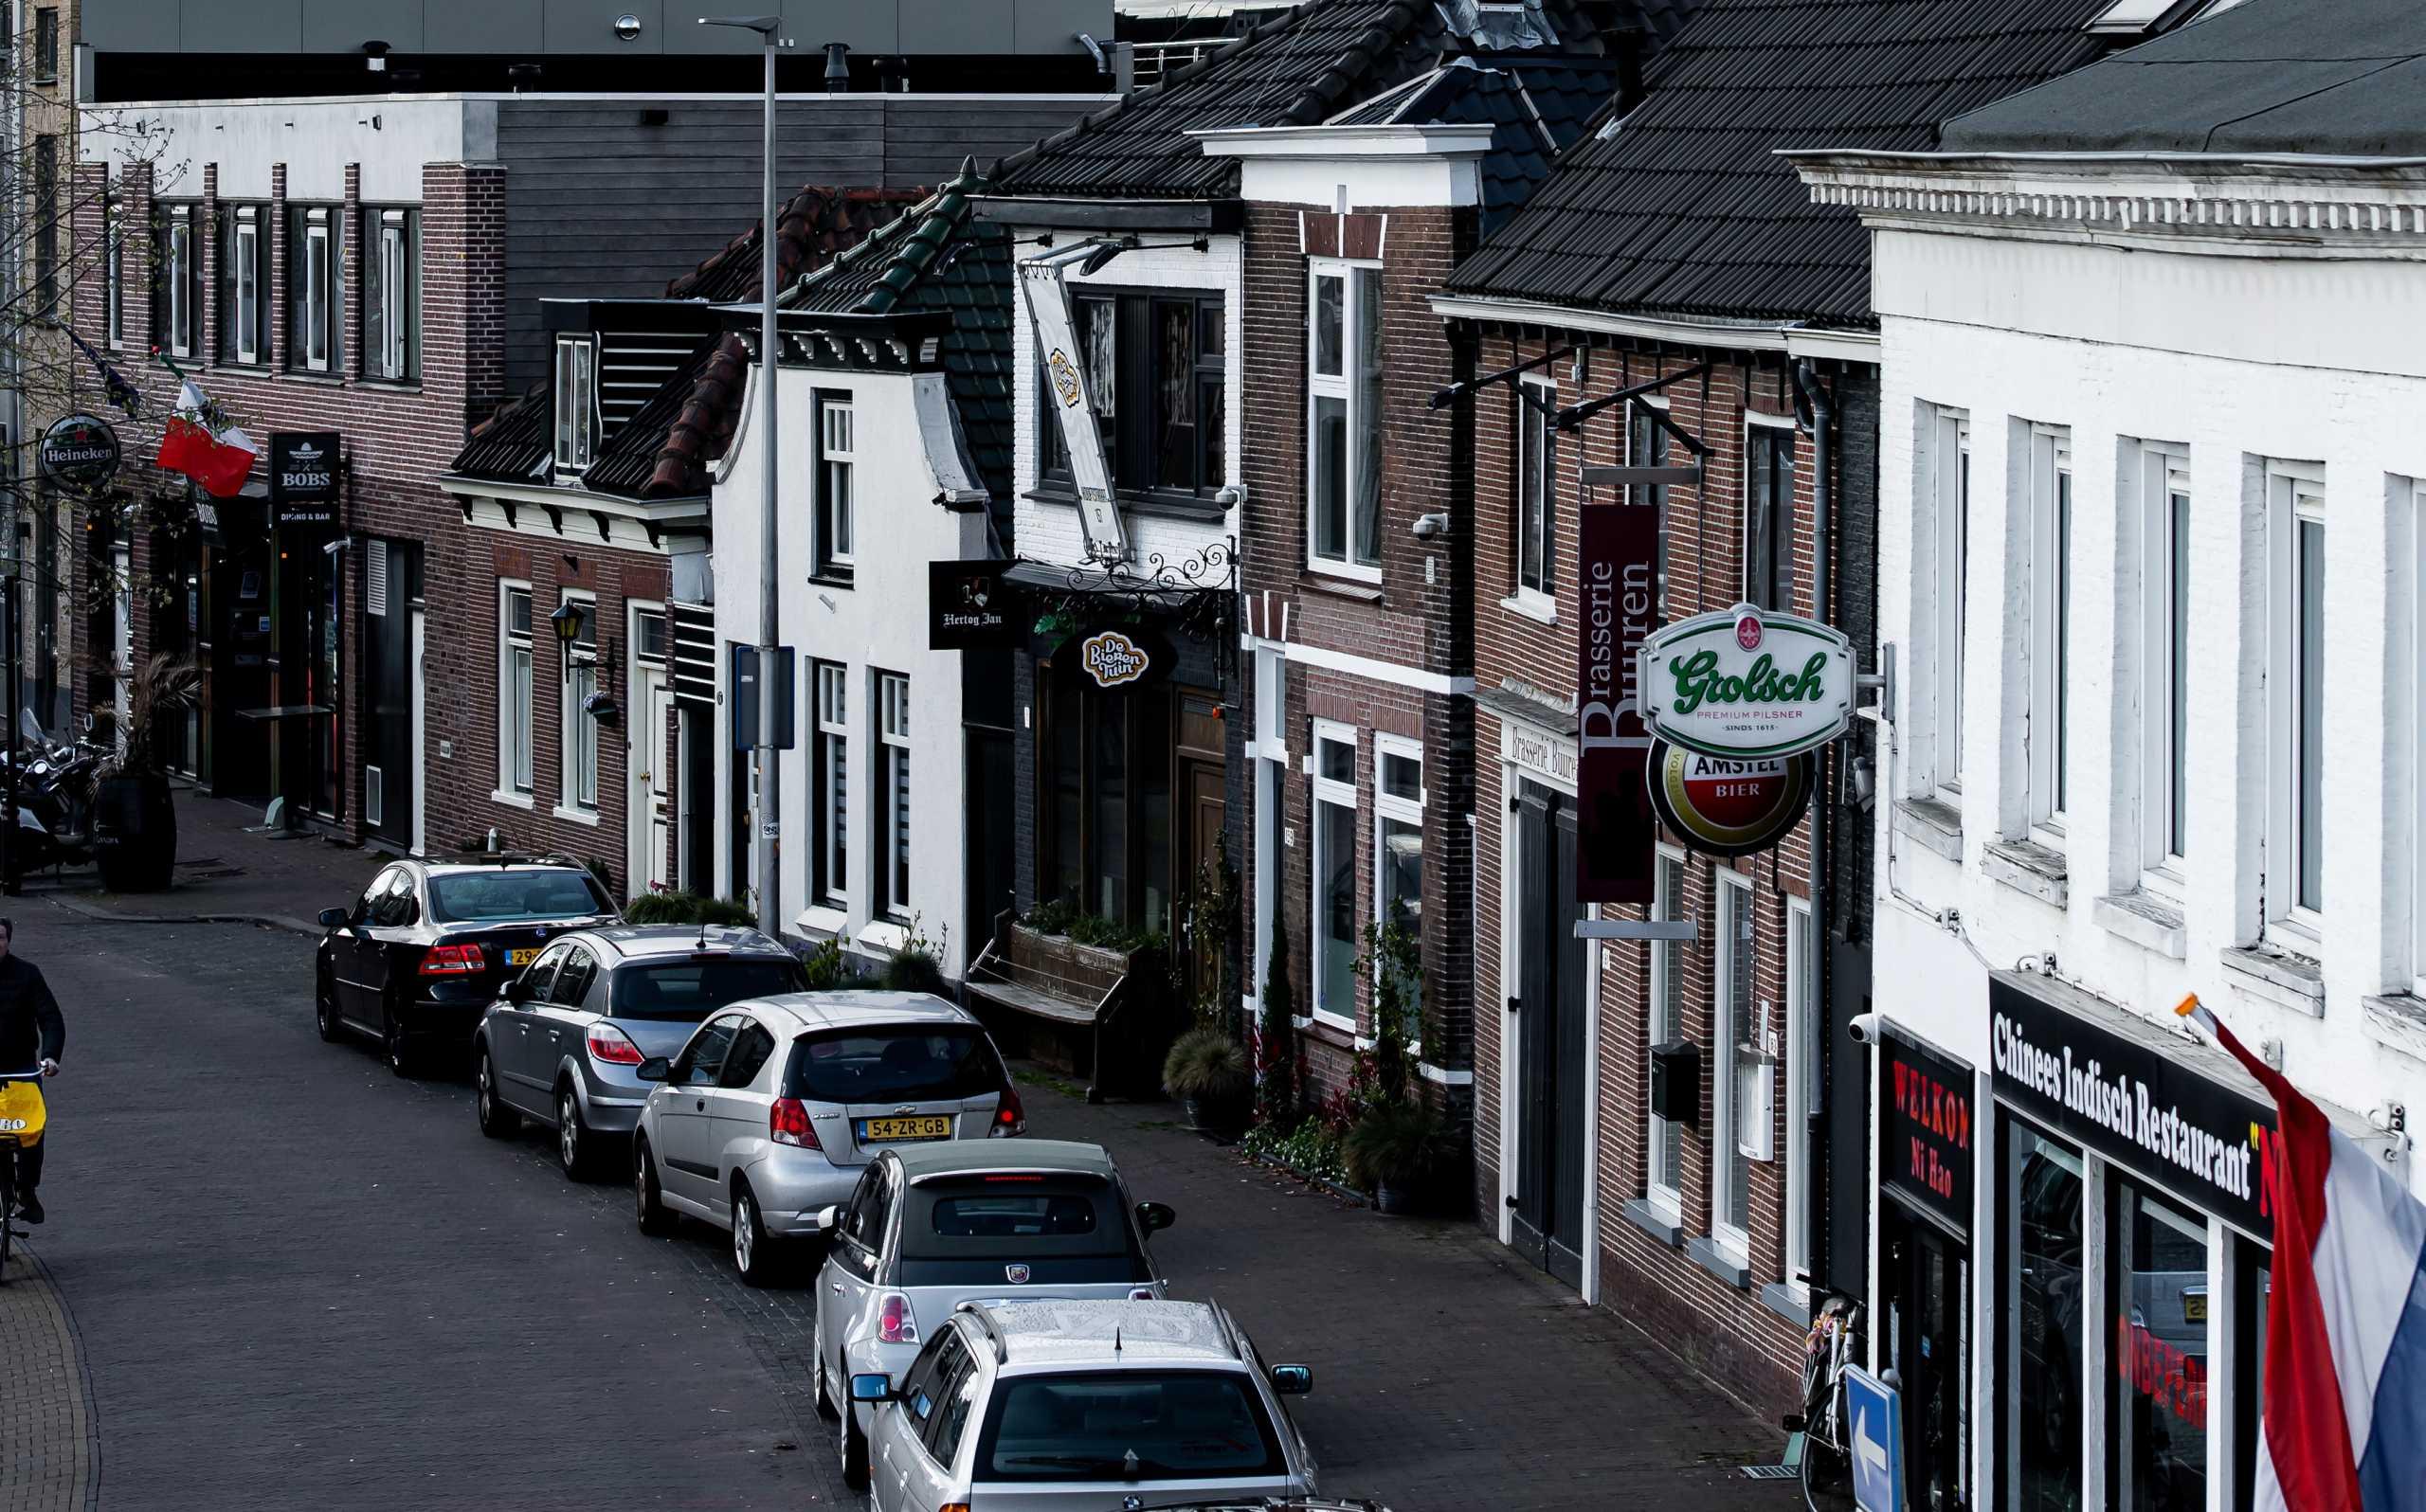 Ανοίγουν οι οίκοι ανοχής στην Ολλανδία μετά από 5 μήνες «λουκέτου» λόγω κορονοϊού